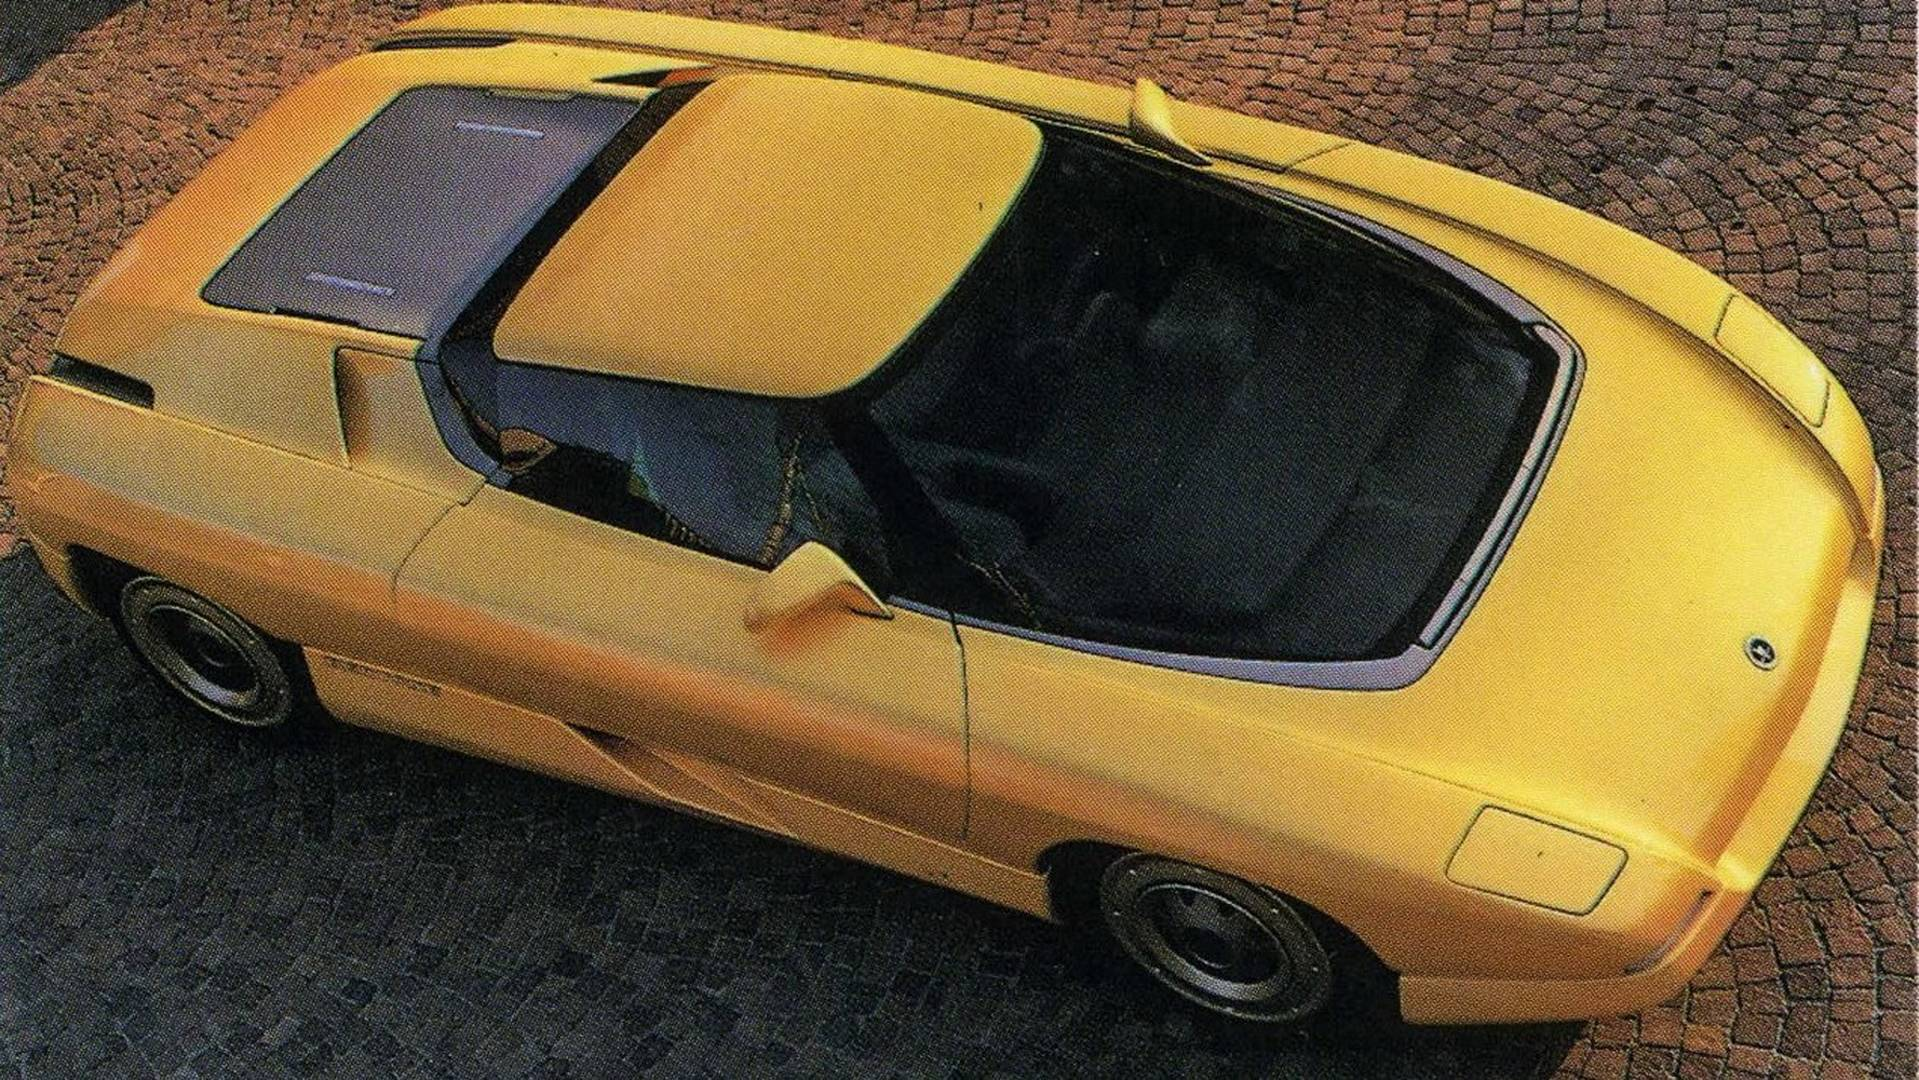 1990 Bertone Nivola concept 3/4 high